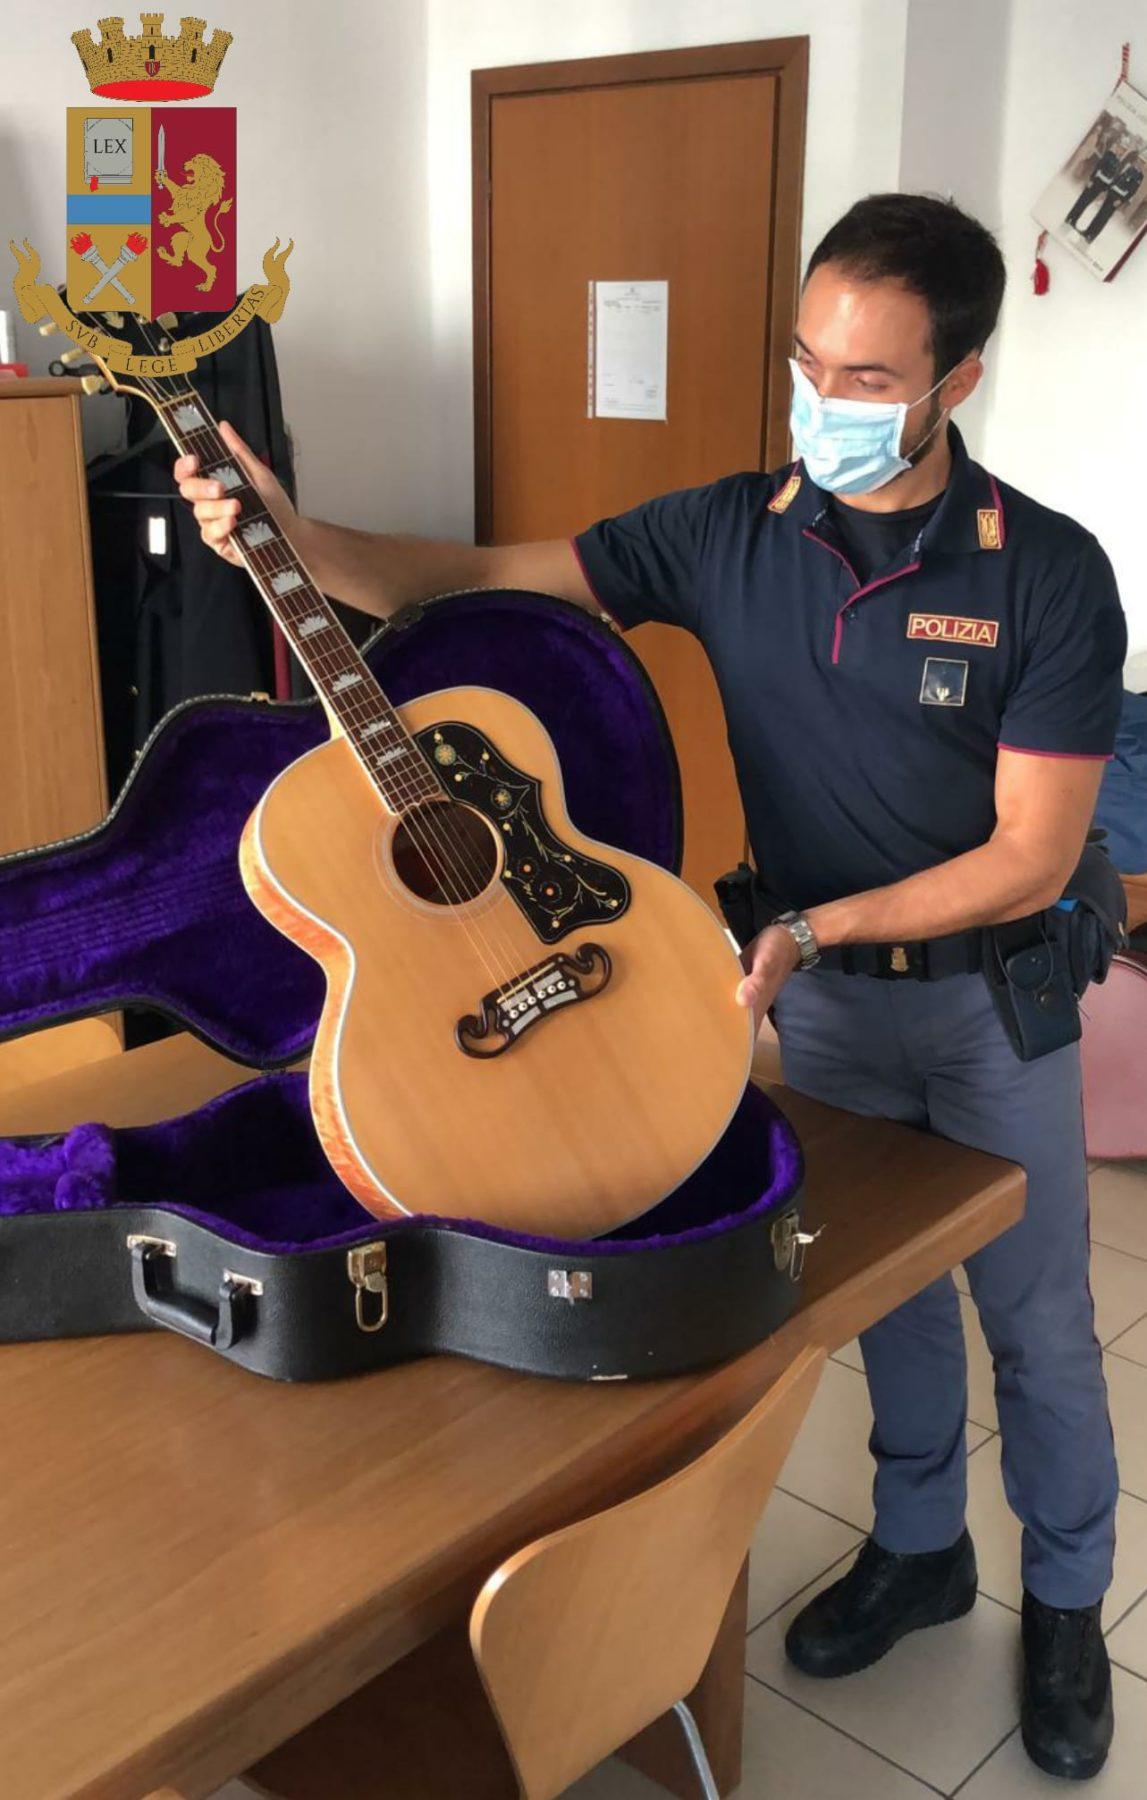 elvis presley Milano - Ruba la chitarra di Elvis Presley che lo fa diventar pazzo e, già che c'è, altre 11 10/09/2020